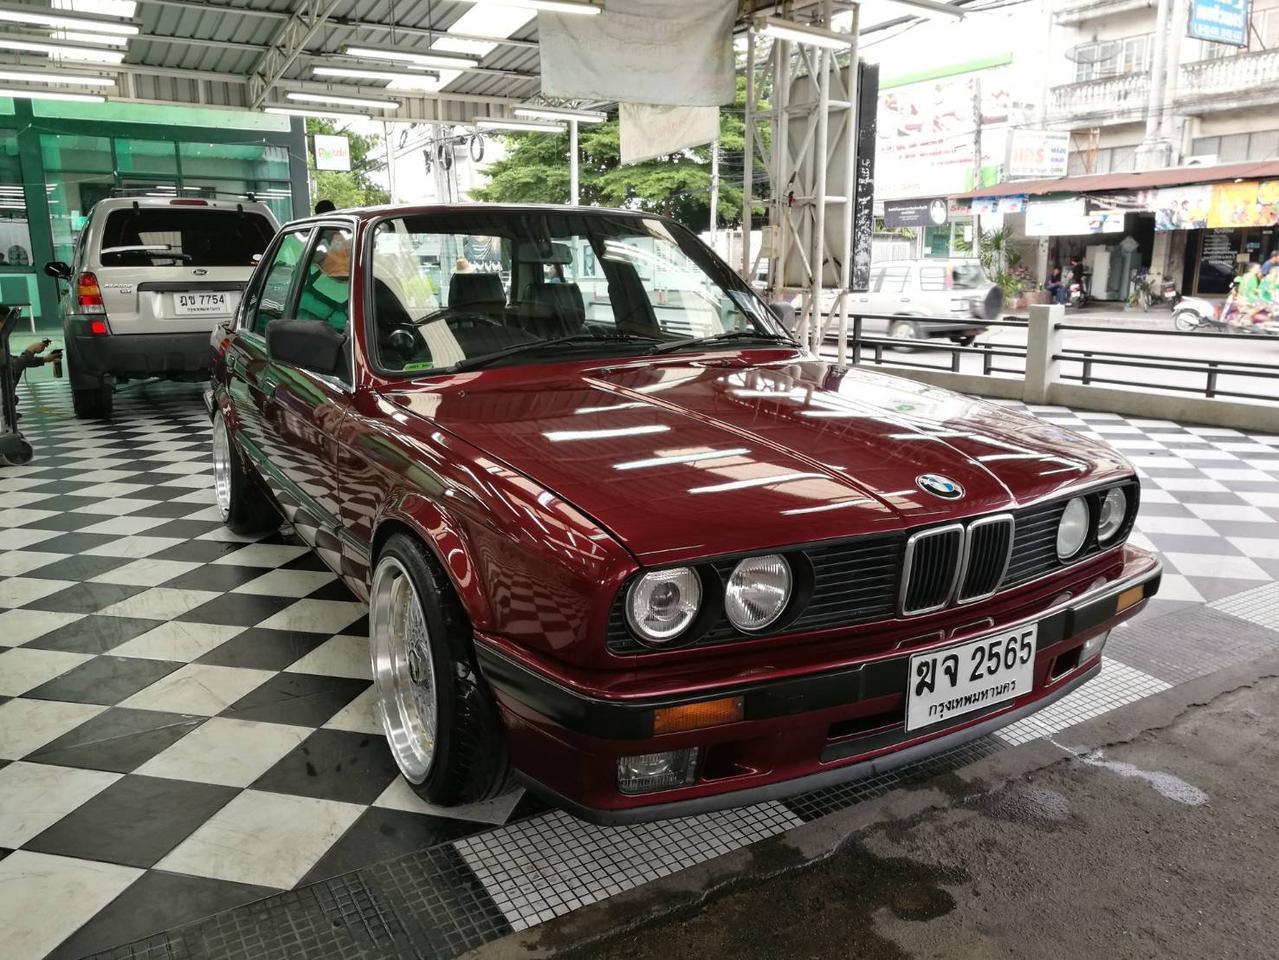 ขายรถเก๋ง BMW 318I เขตลาดพร้าว กรุงเทพ ฯ รูปที่ 3